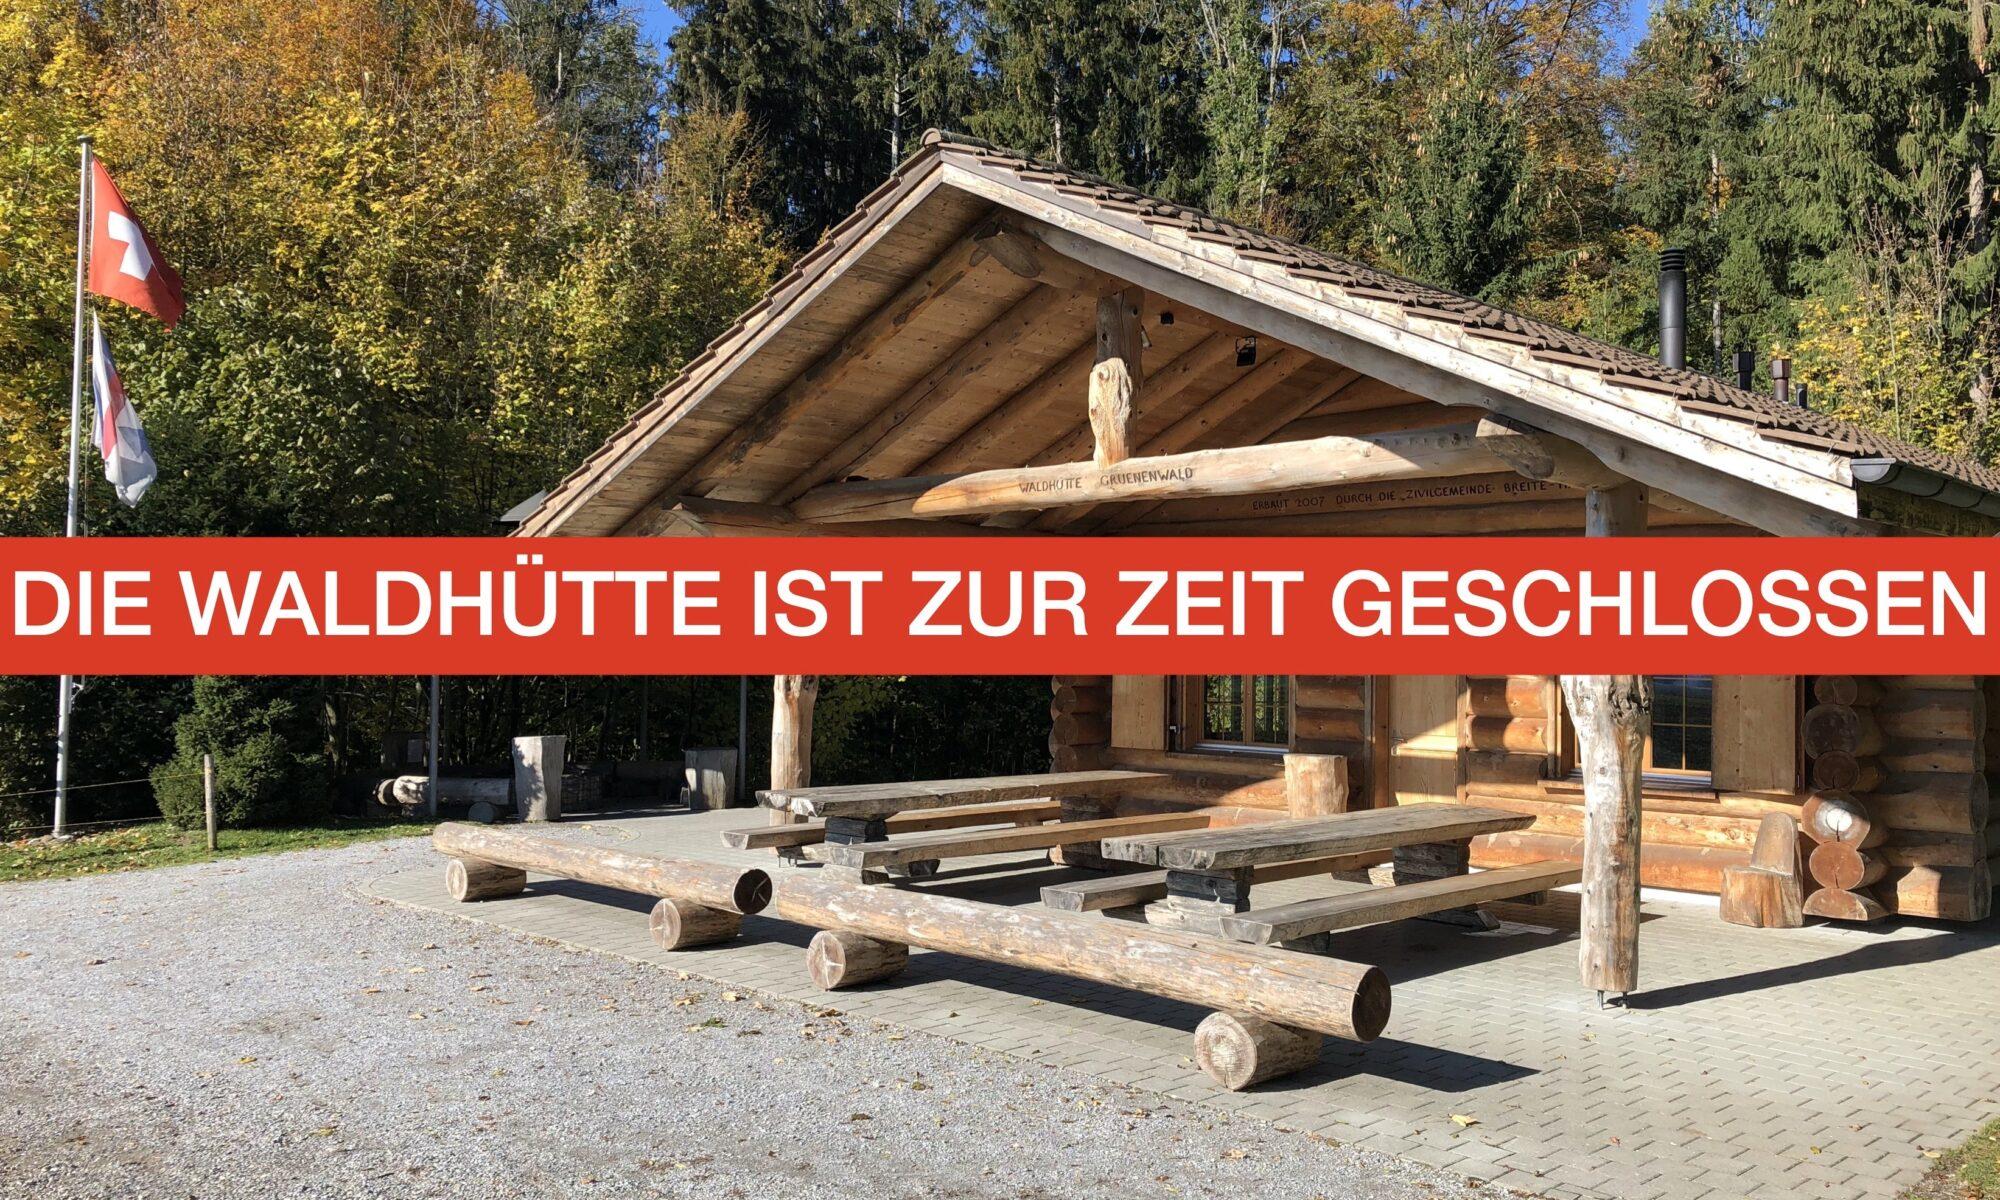 Waldhütten-Verein Breite-Hakab